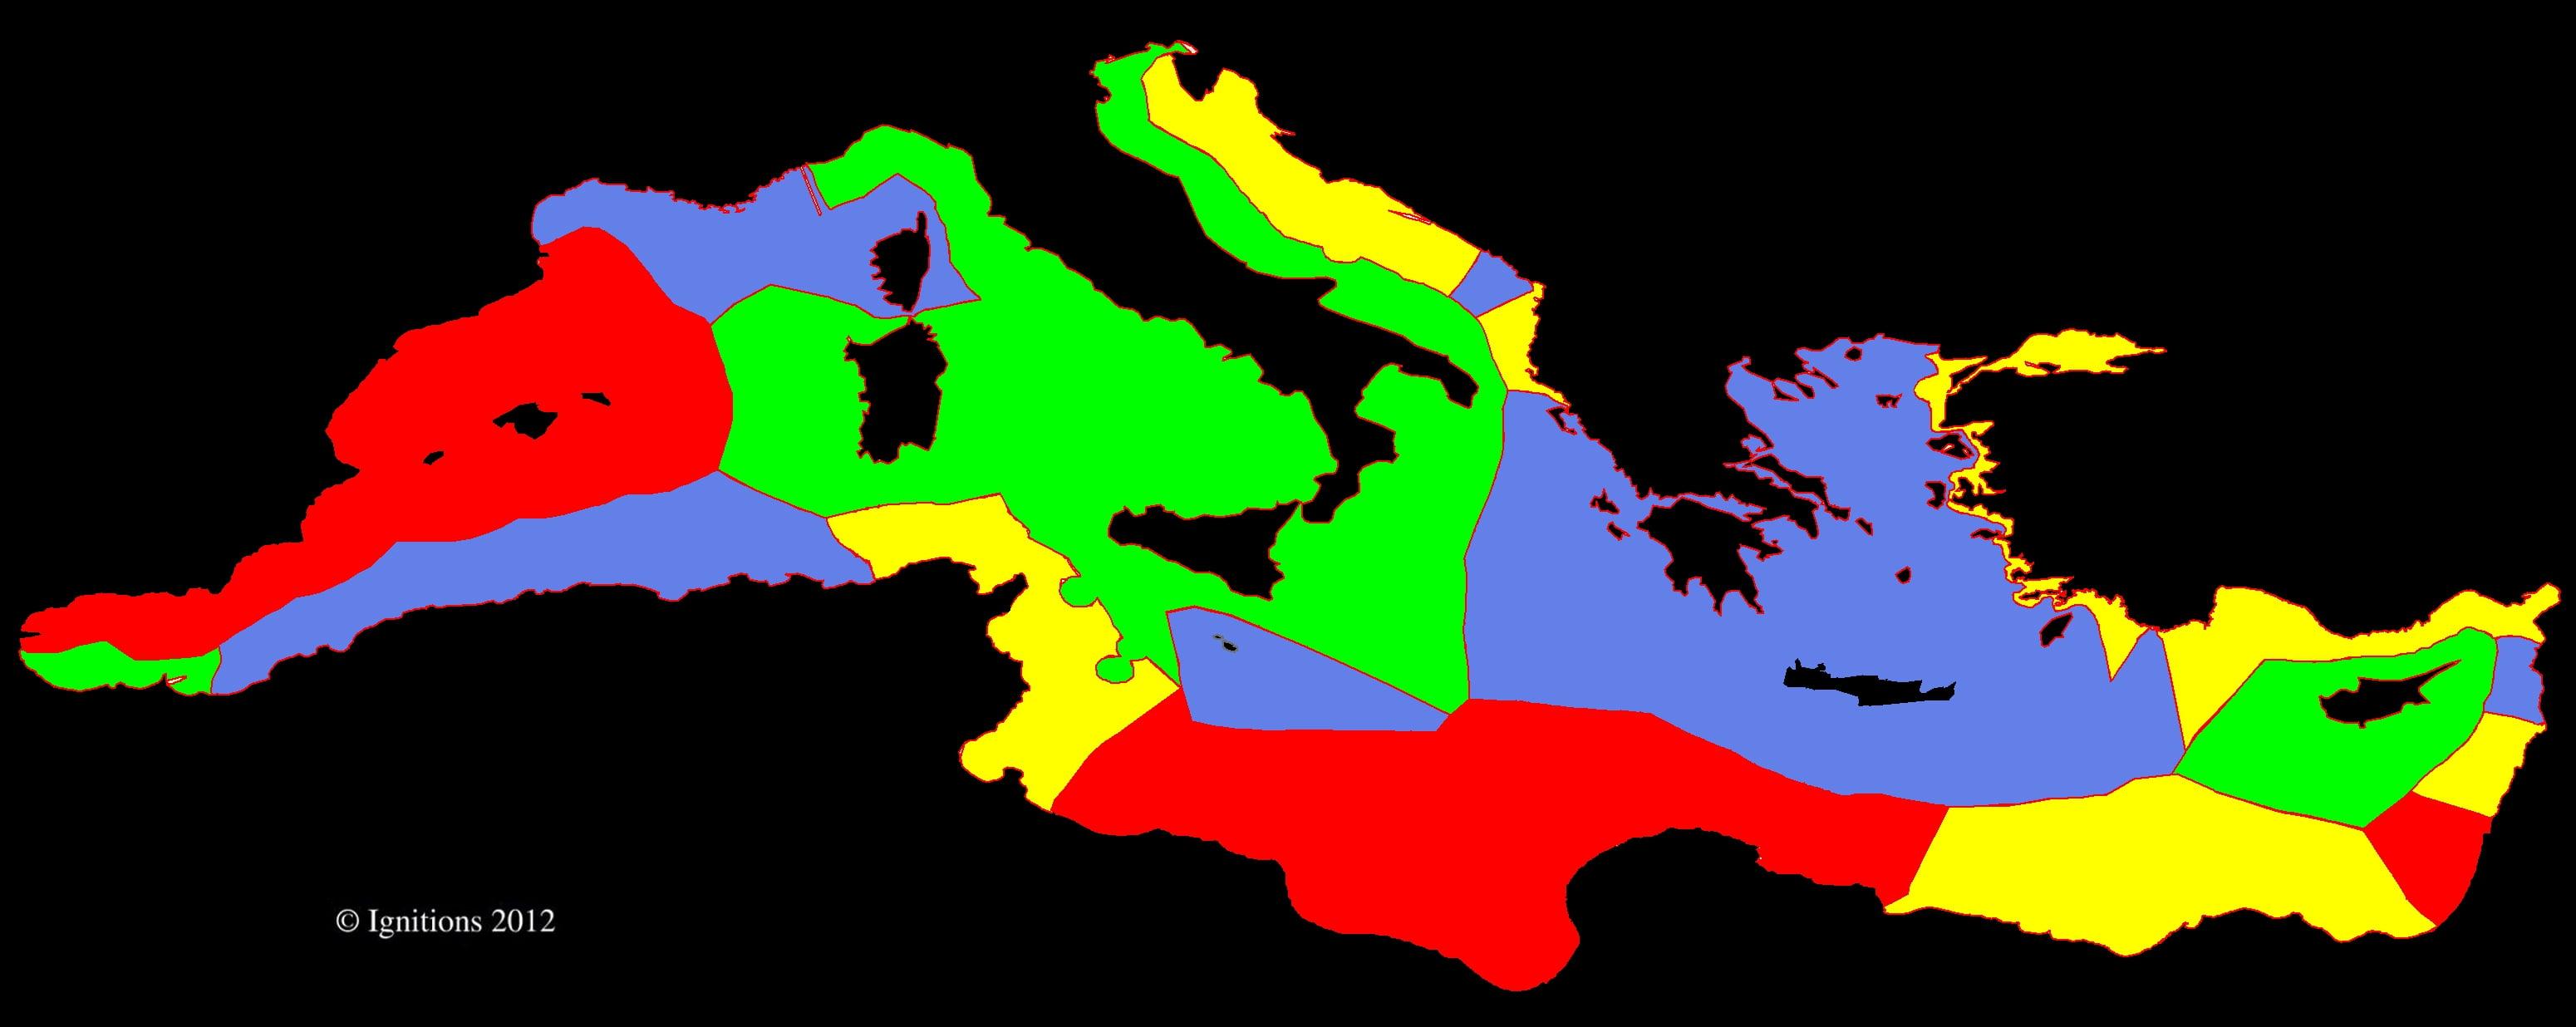 Η Πρώτη Κουρδική Εθνοσυνέλευση, η Κύπρος, το Καστελόριζο και η ΑΟΖ!